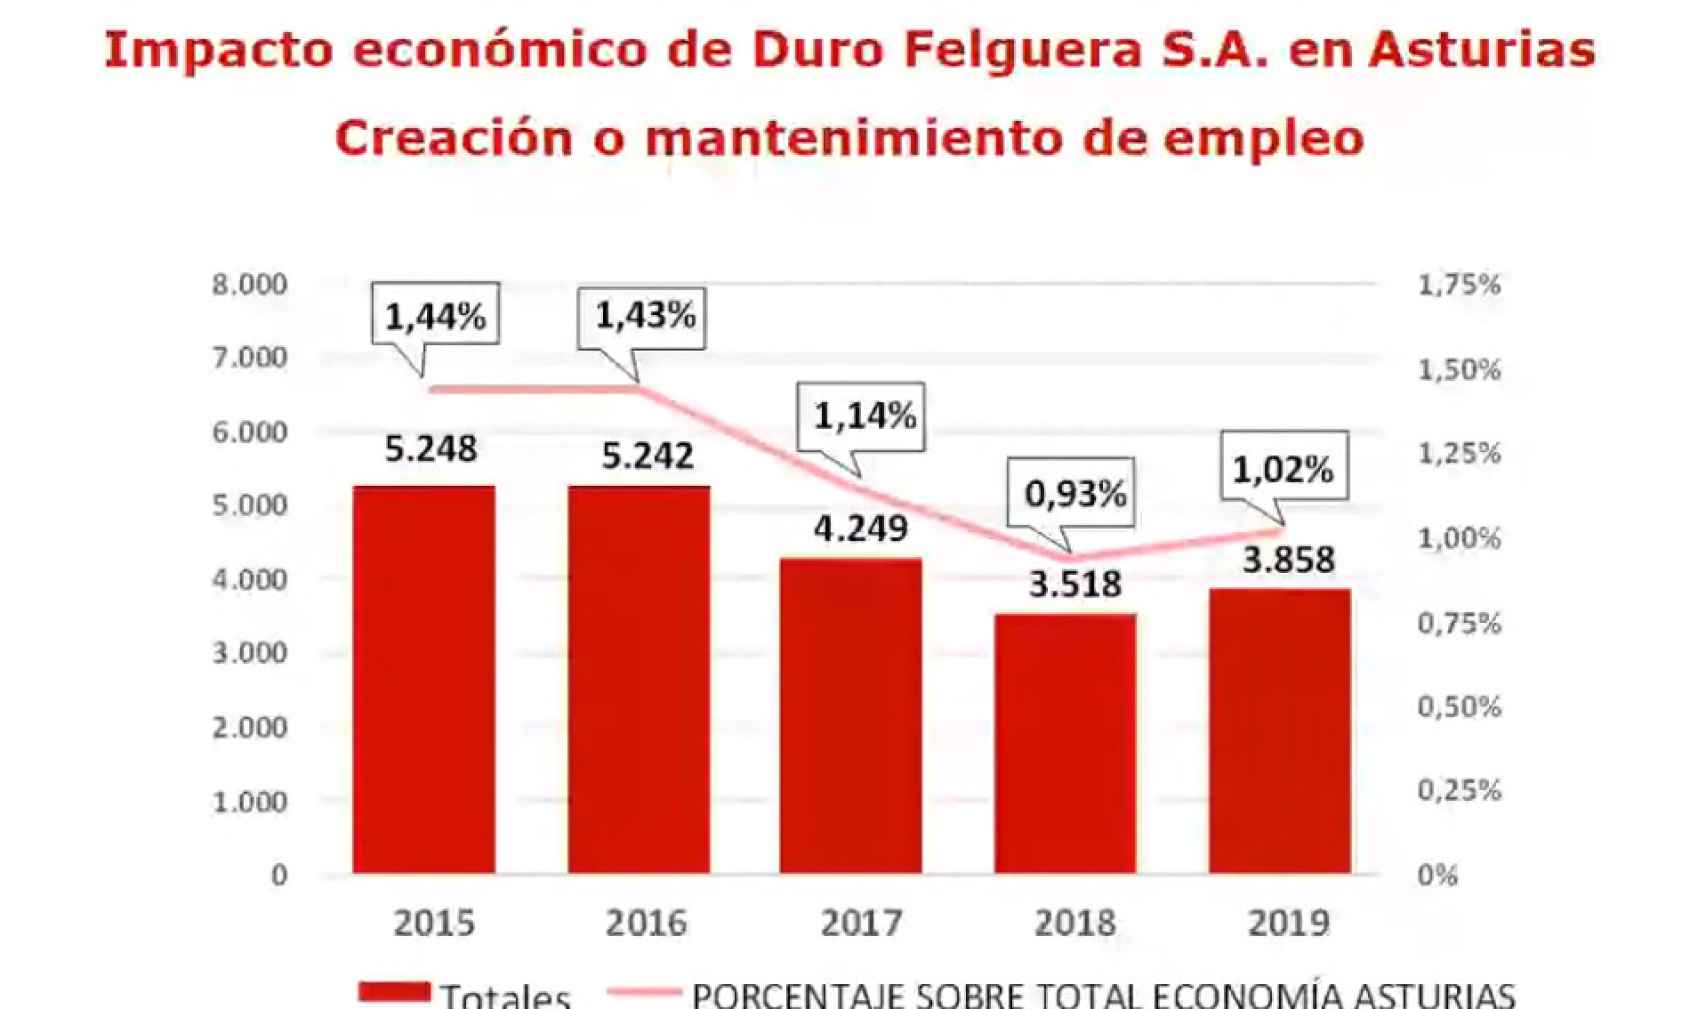 Gráfica sobre la creación o mantenimiento del empleo en Asturias